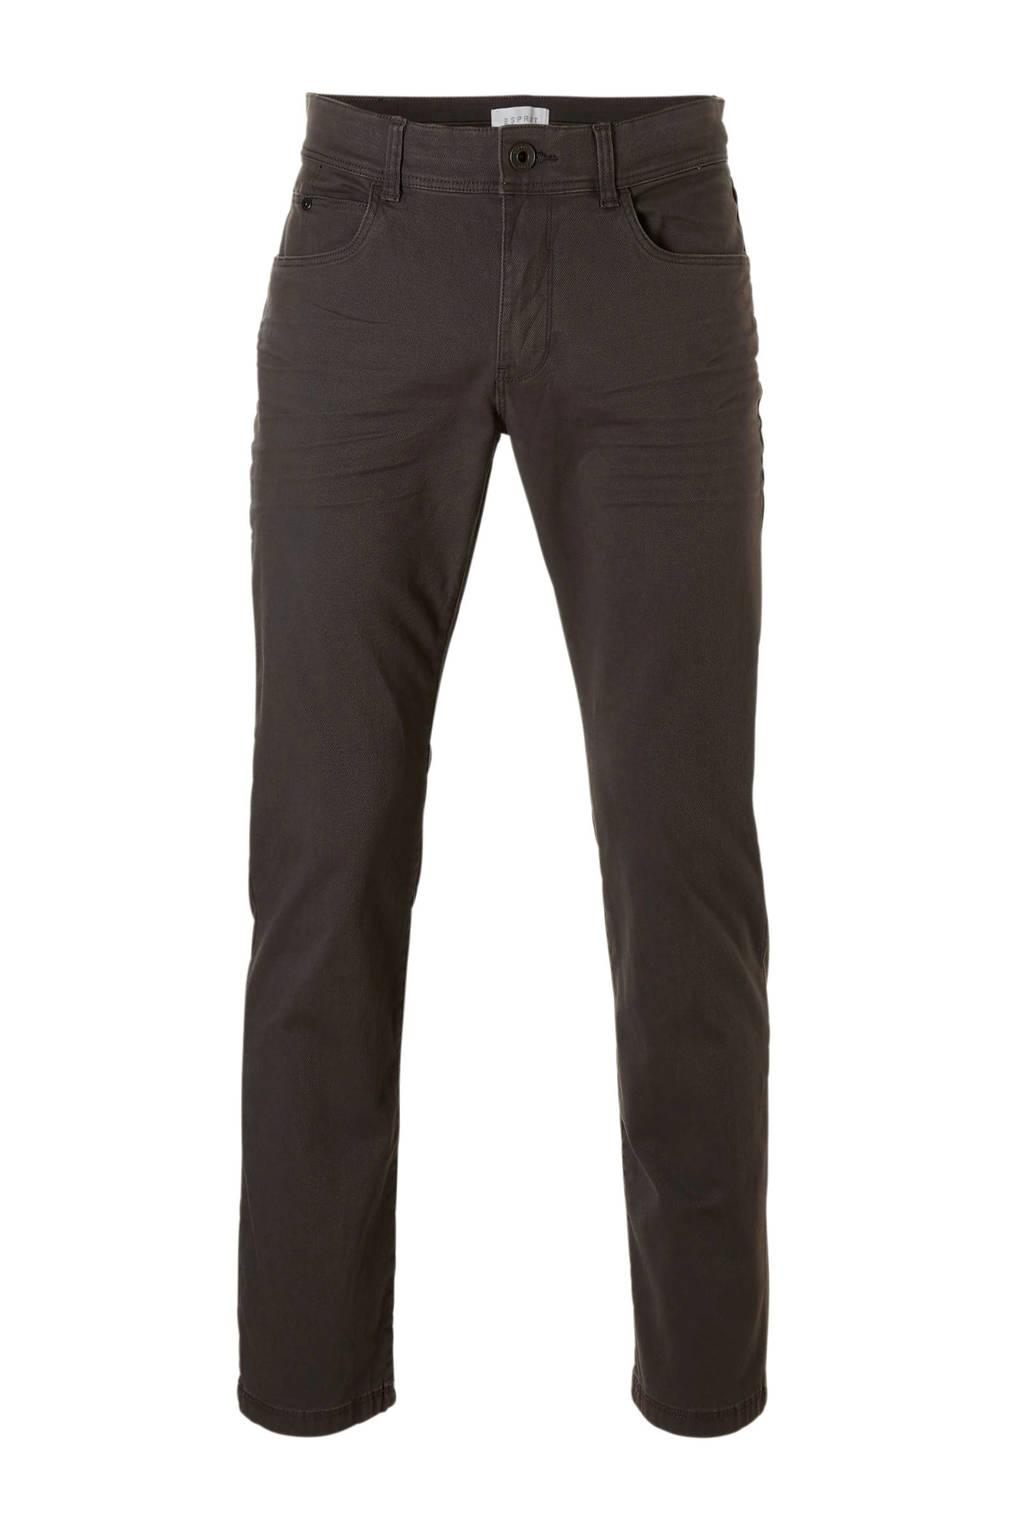 ESPRIT Men Casual regular fit jeans, Grijs